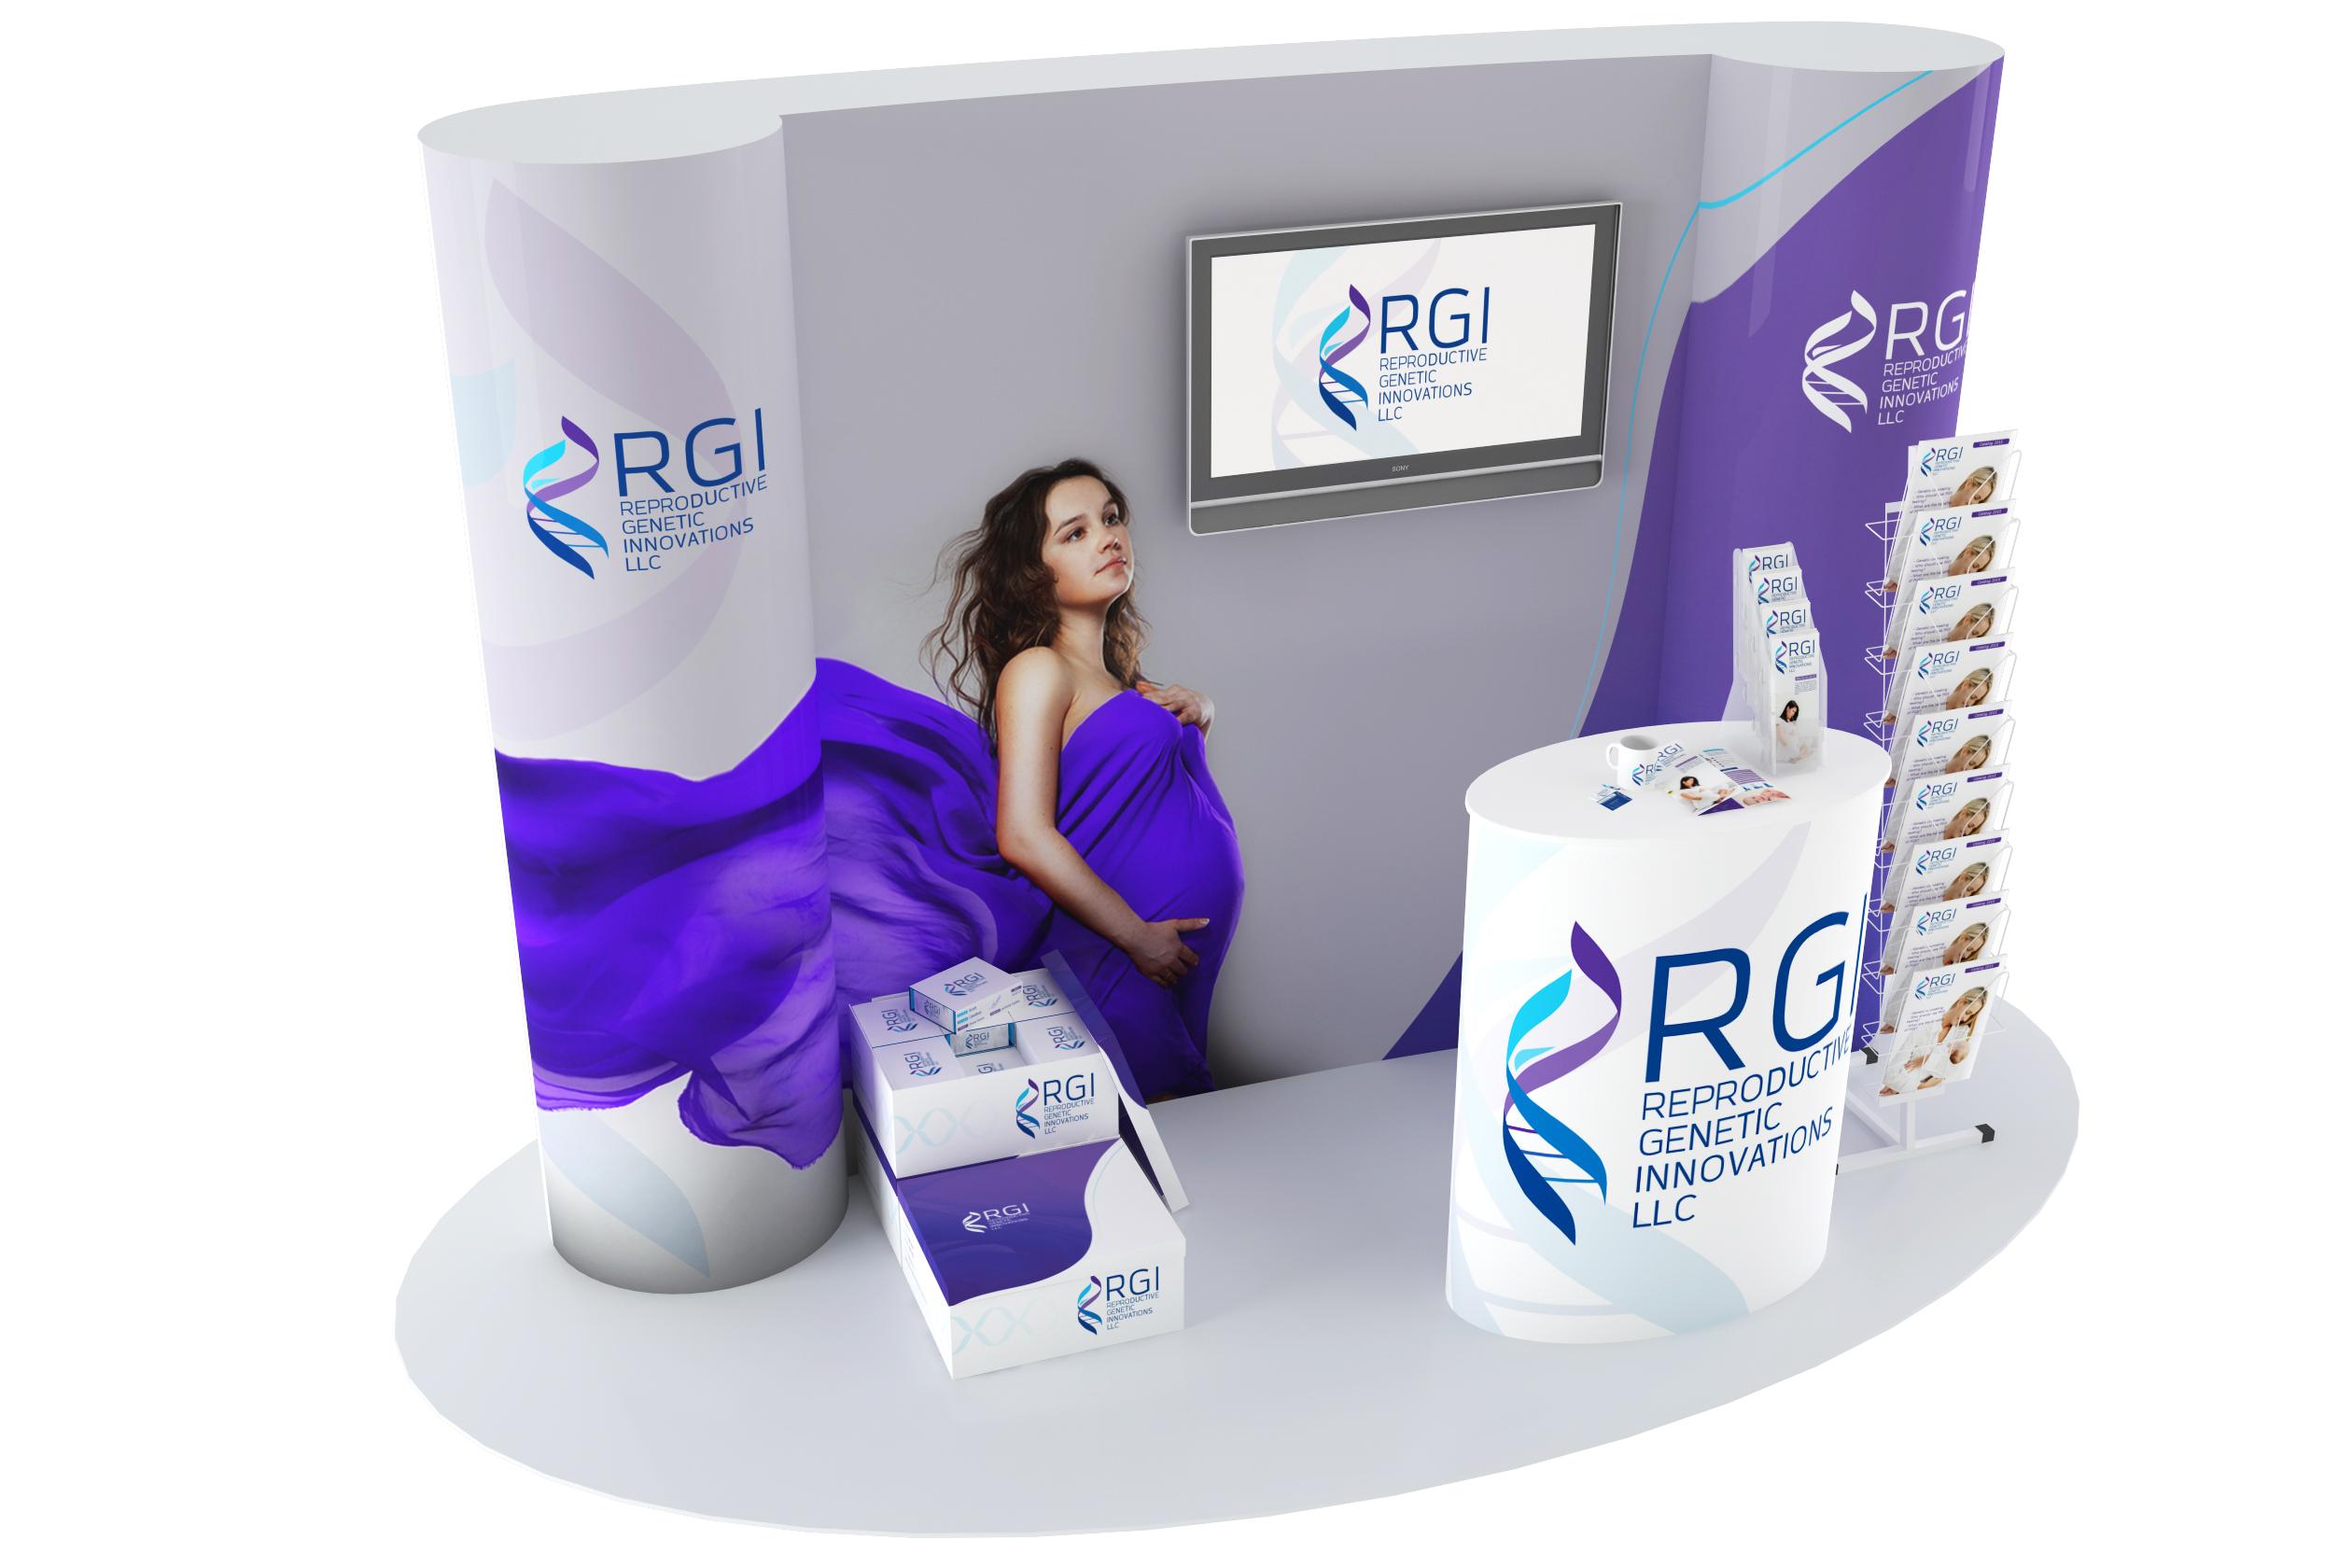 Стенд для клиники репродуктивной медицины